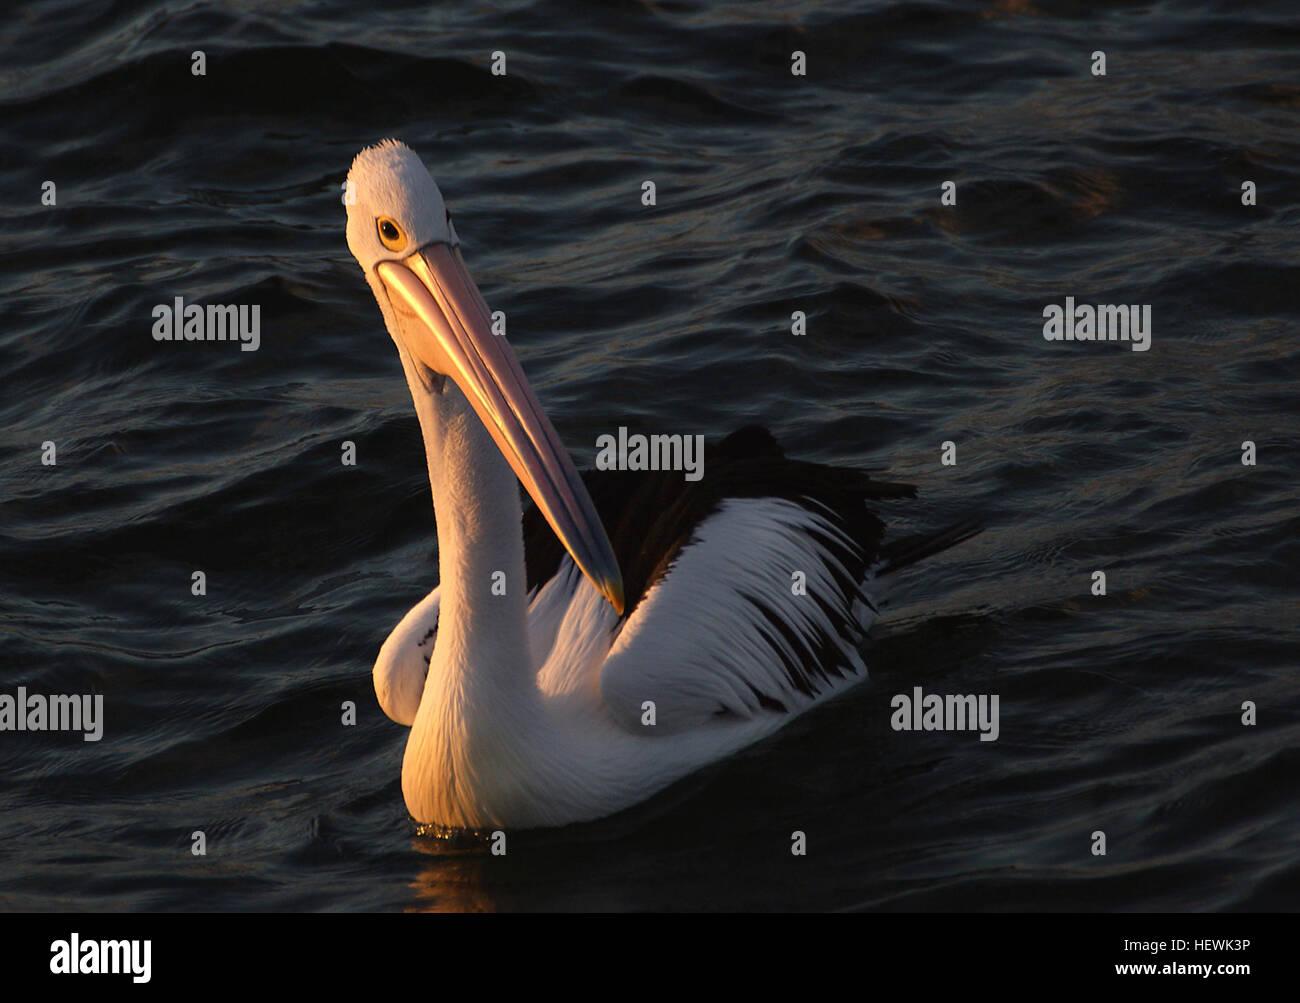 Il Roc o Rok (dal persiano رخ rokh ) è un uccello mitologico dal piumaggio bianco.